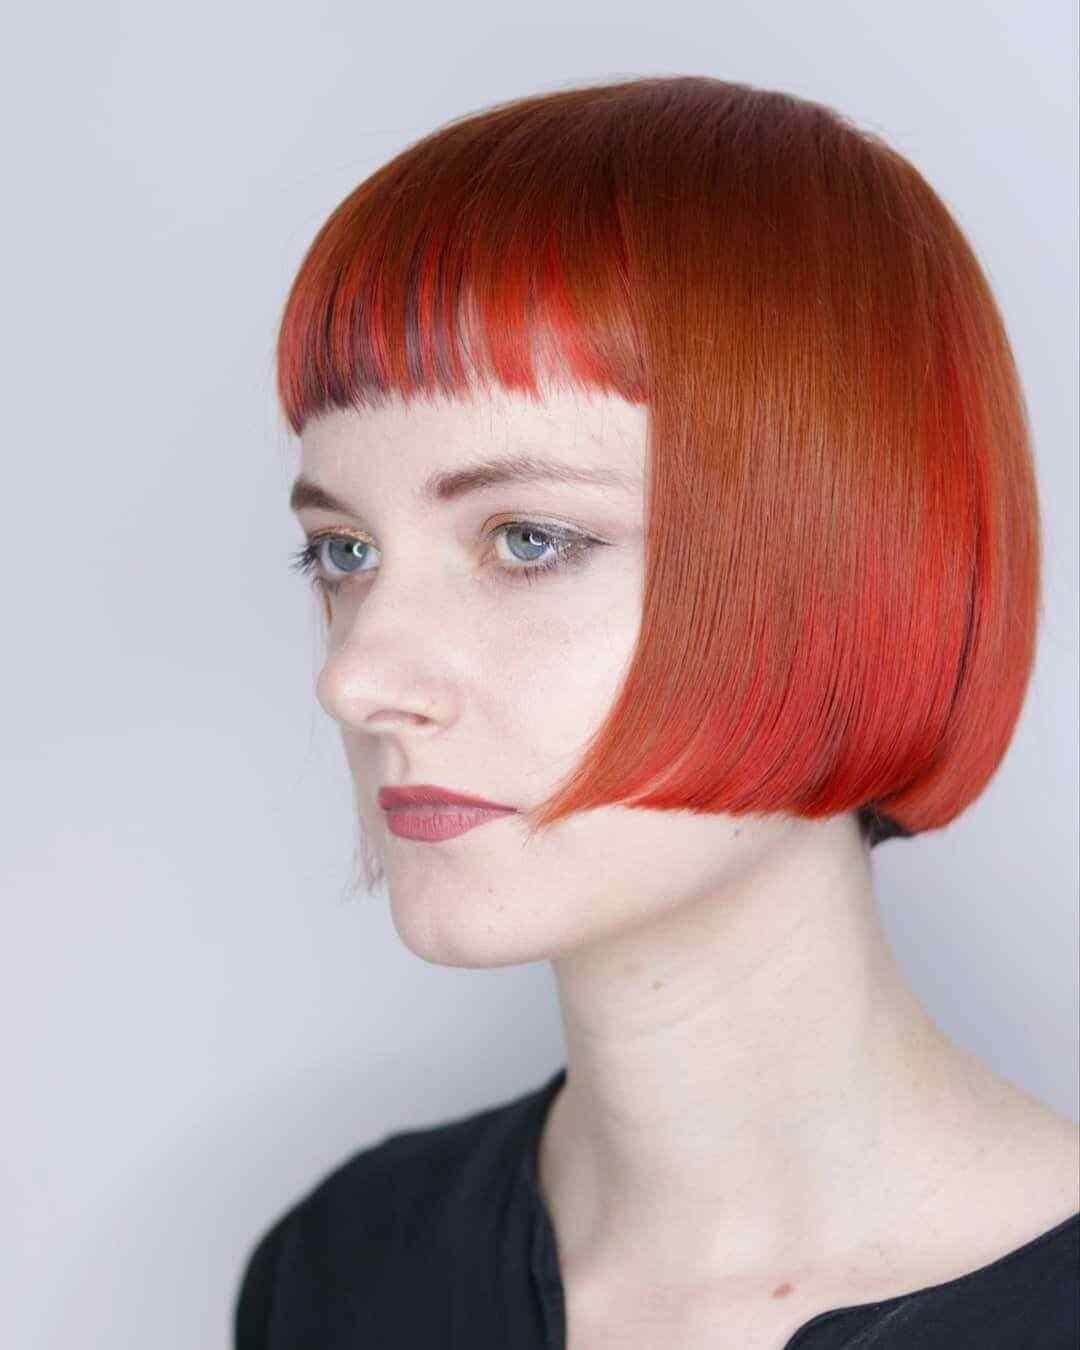 Más de 100 Ideas de peinados y cortes de pelo corto para mujeres 2019 16